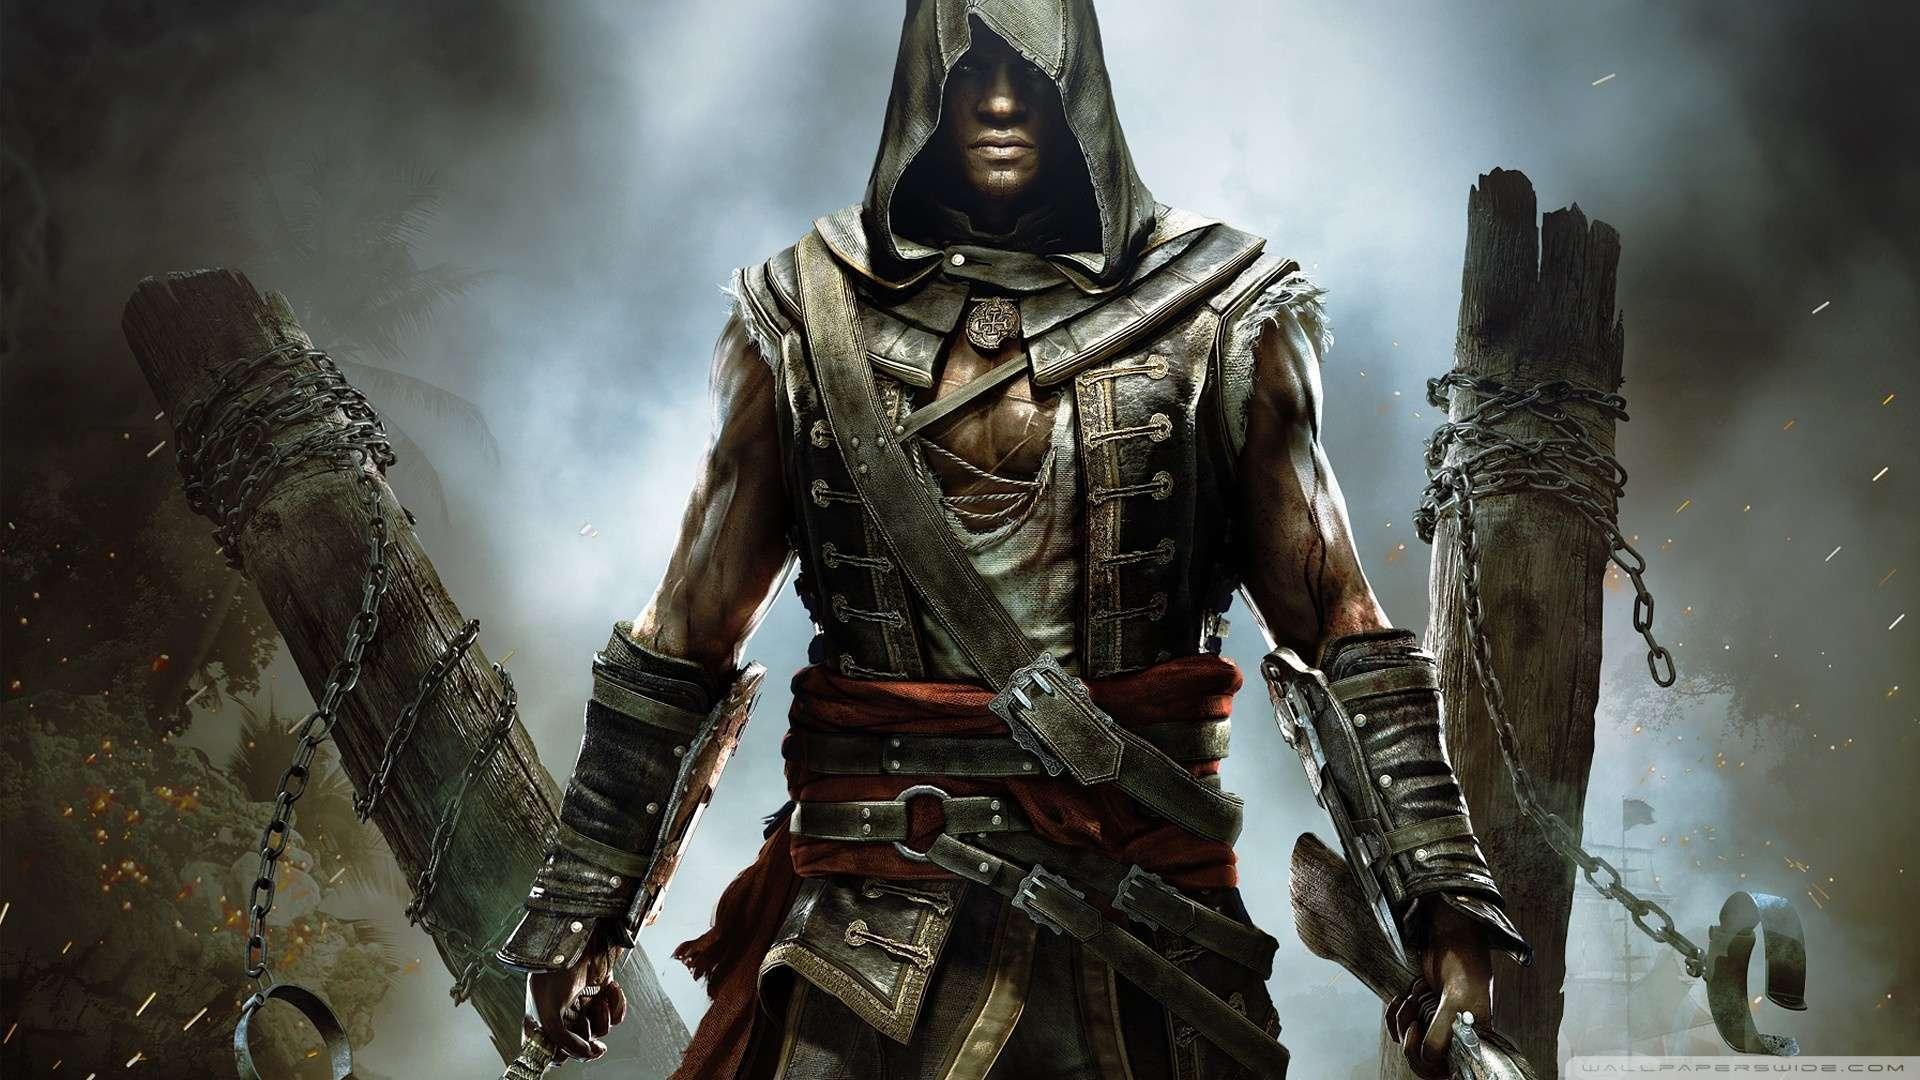 Assassins Creed Iv Black Flag Grito De Libertad Wallpaper 1080p HD 1920x1080